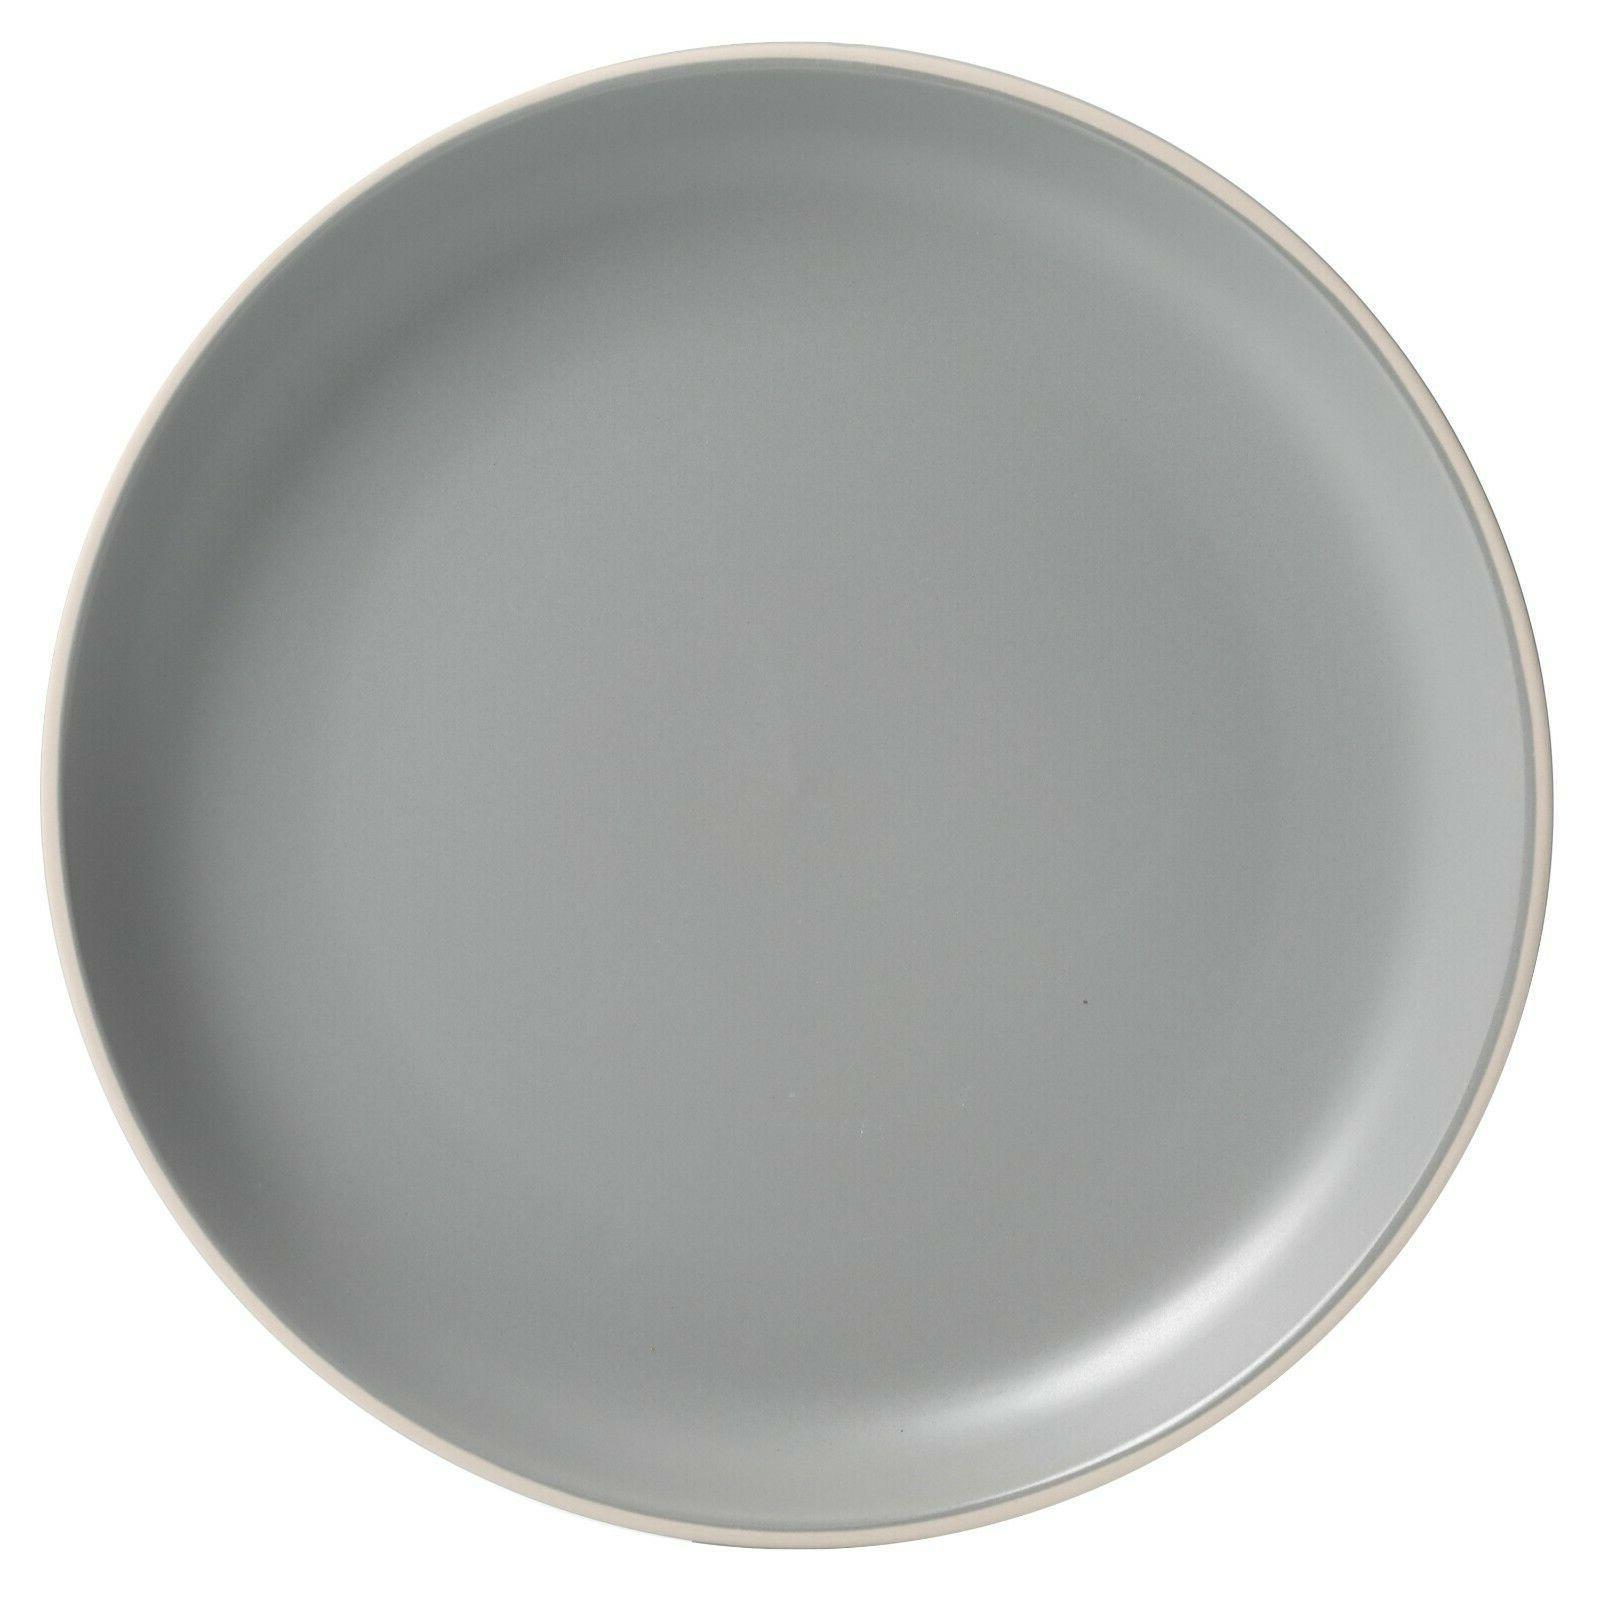 12 Piece Set Dishwasher Safe Stoneware